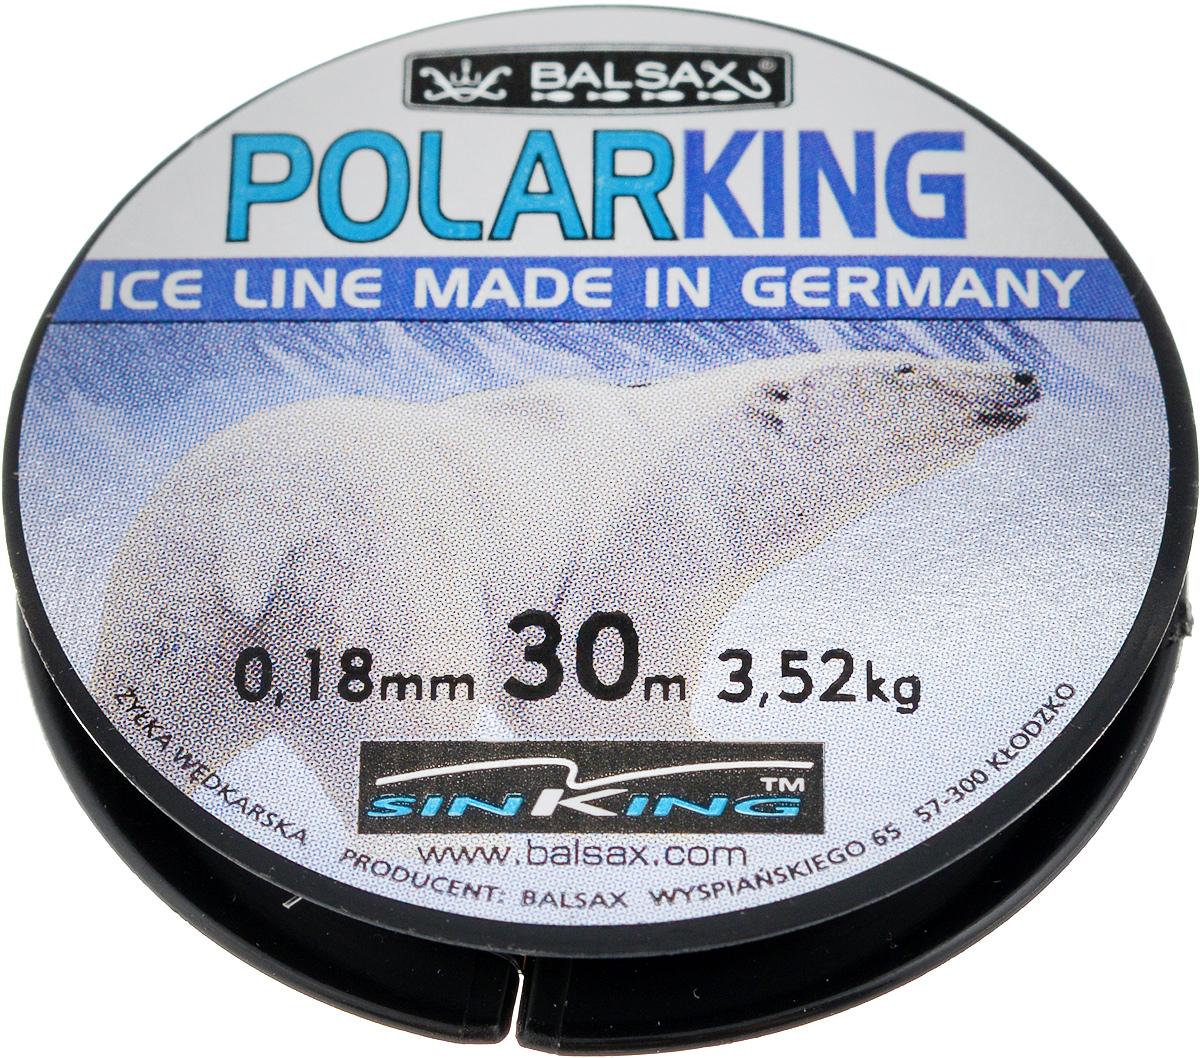 Леска зимняя Balsax Polar King, 30 м, 0,18 мм, 3,52 кг310-13018Леска Balsax Polar King изготовлена из 100% нейлона и очень хорошо выдерживает низкие температуры. Даже в самом холодном климате, при температуре вплоть до -40°C, она сохраняет свои свойства практически без изменений, в то время как традиционные лески становятся менее эластичными и теряют прочность. Поверхность лески обработана таким образом, что она не обмерзает и отлично подходит для подледного лова. Прочна в местах вязки узлов даже при минимальном диаметре.